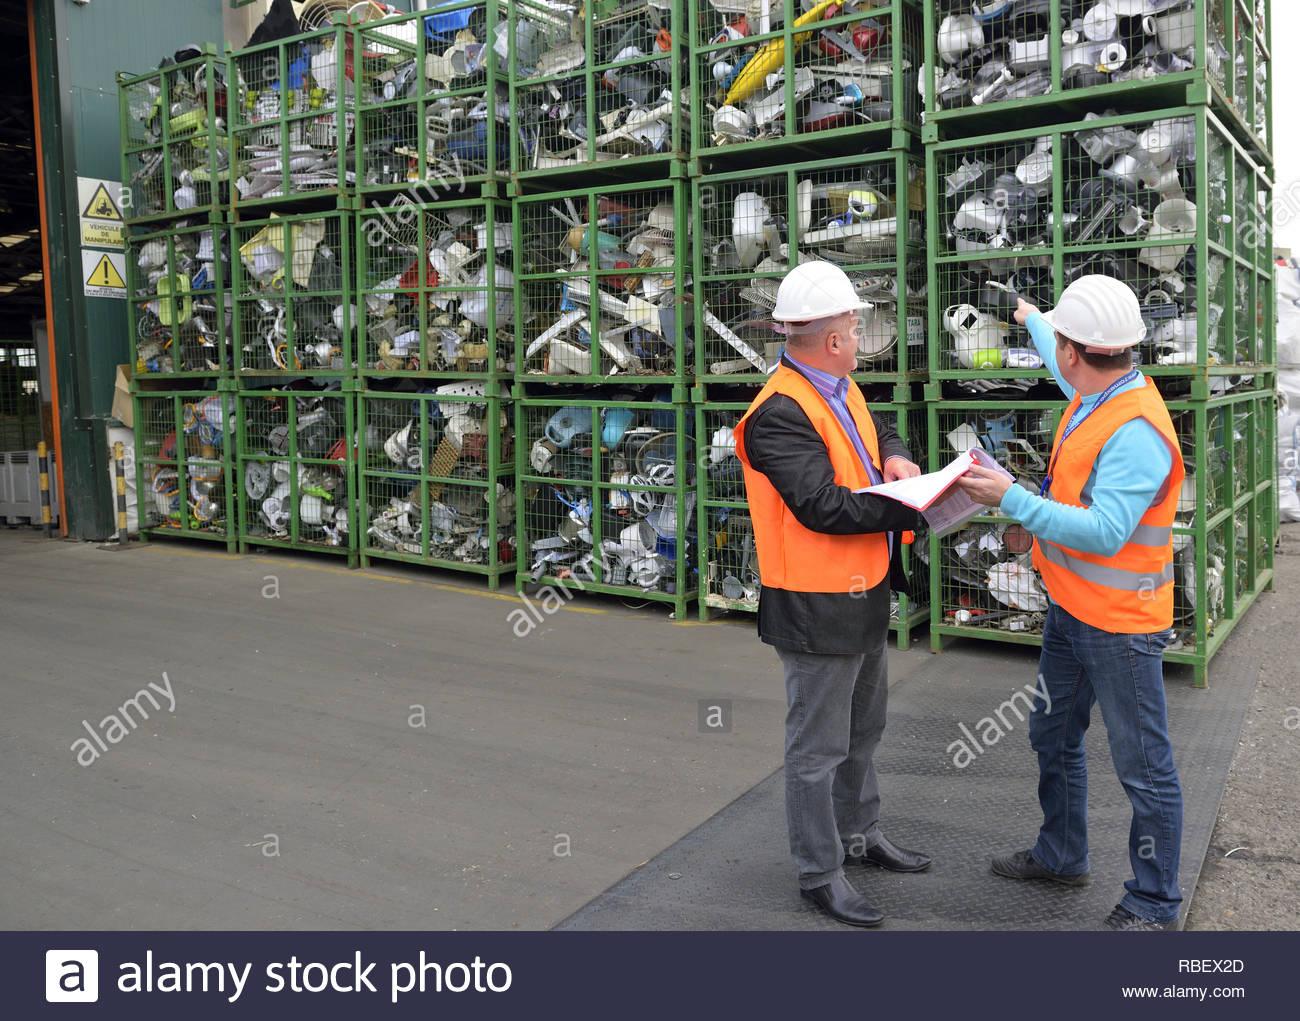 Bucarest, Romania - Ottobre 2013: i gestori di un impianto di riciclaggio di discutere il piano su come organizzare i rifiuti elettronici in un impianto di riciclaggio sito Immagini Stock